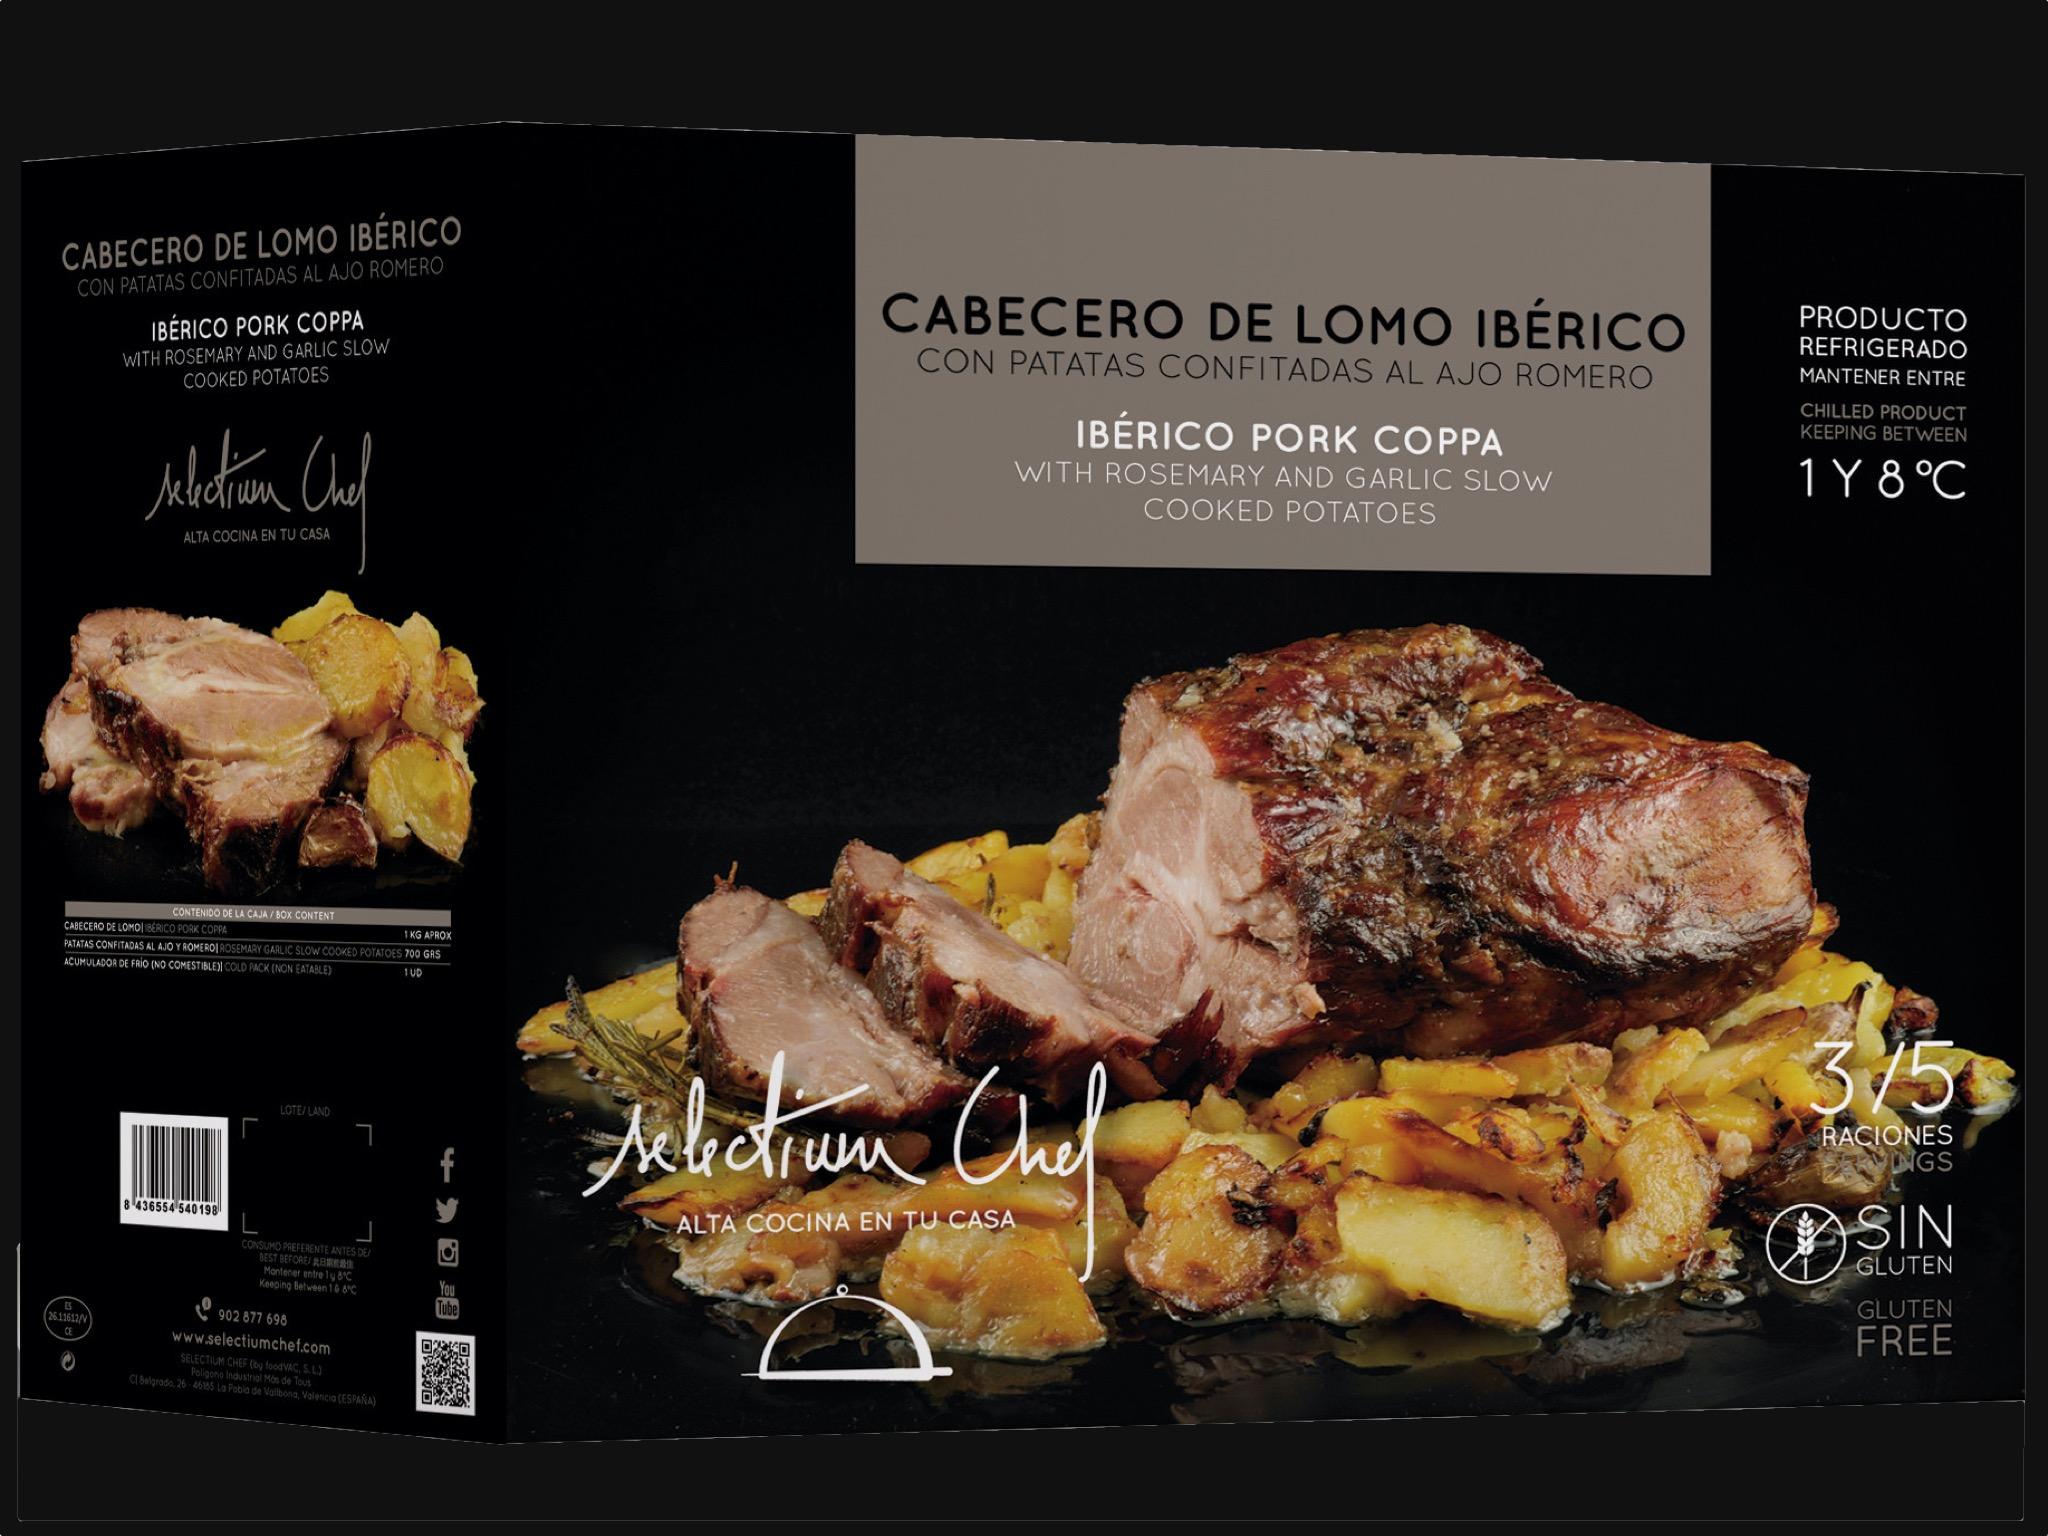 Cebecero de lomo ibérico Selectium Chef